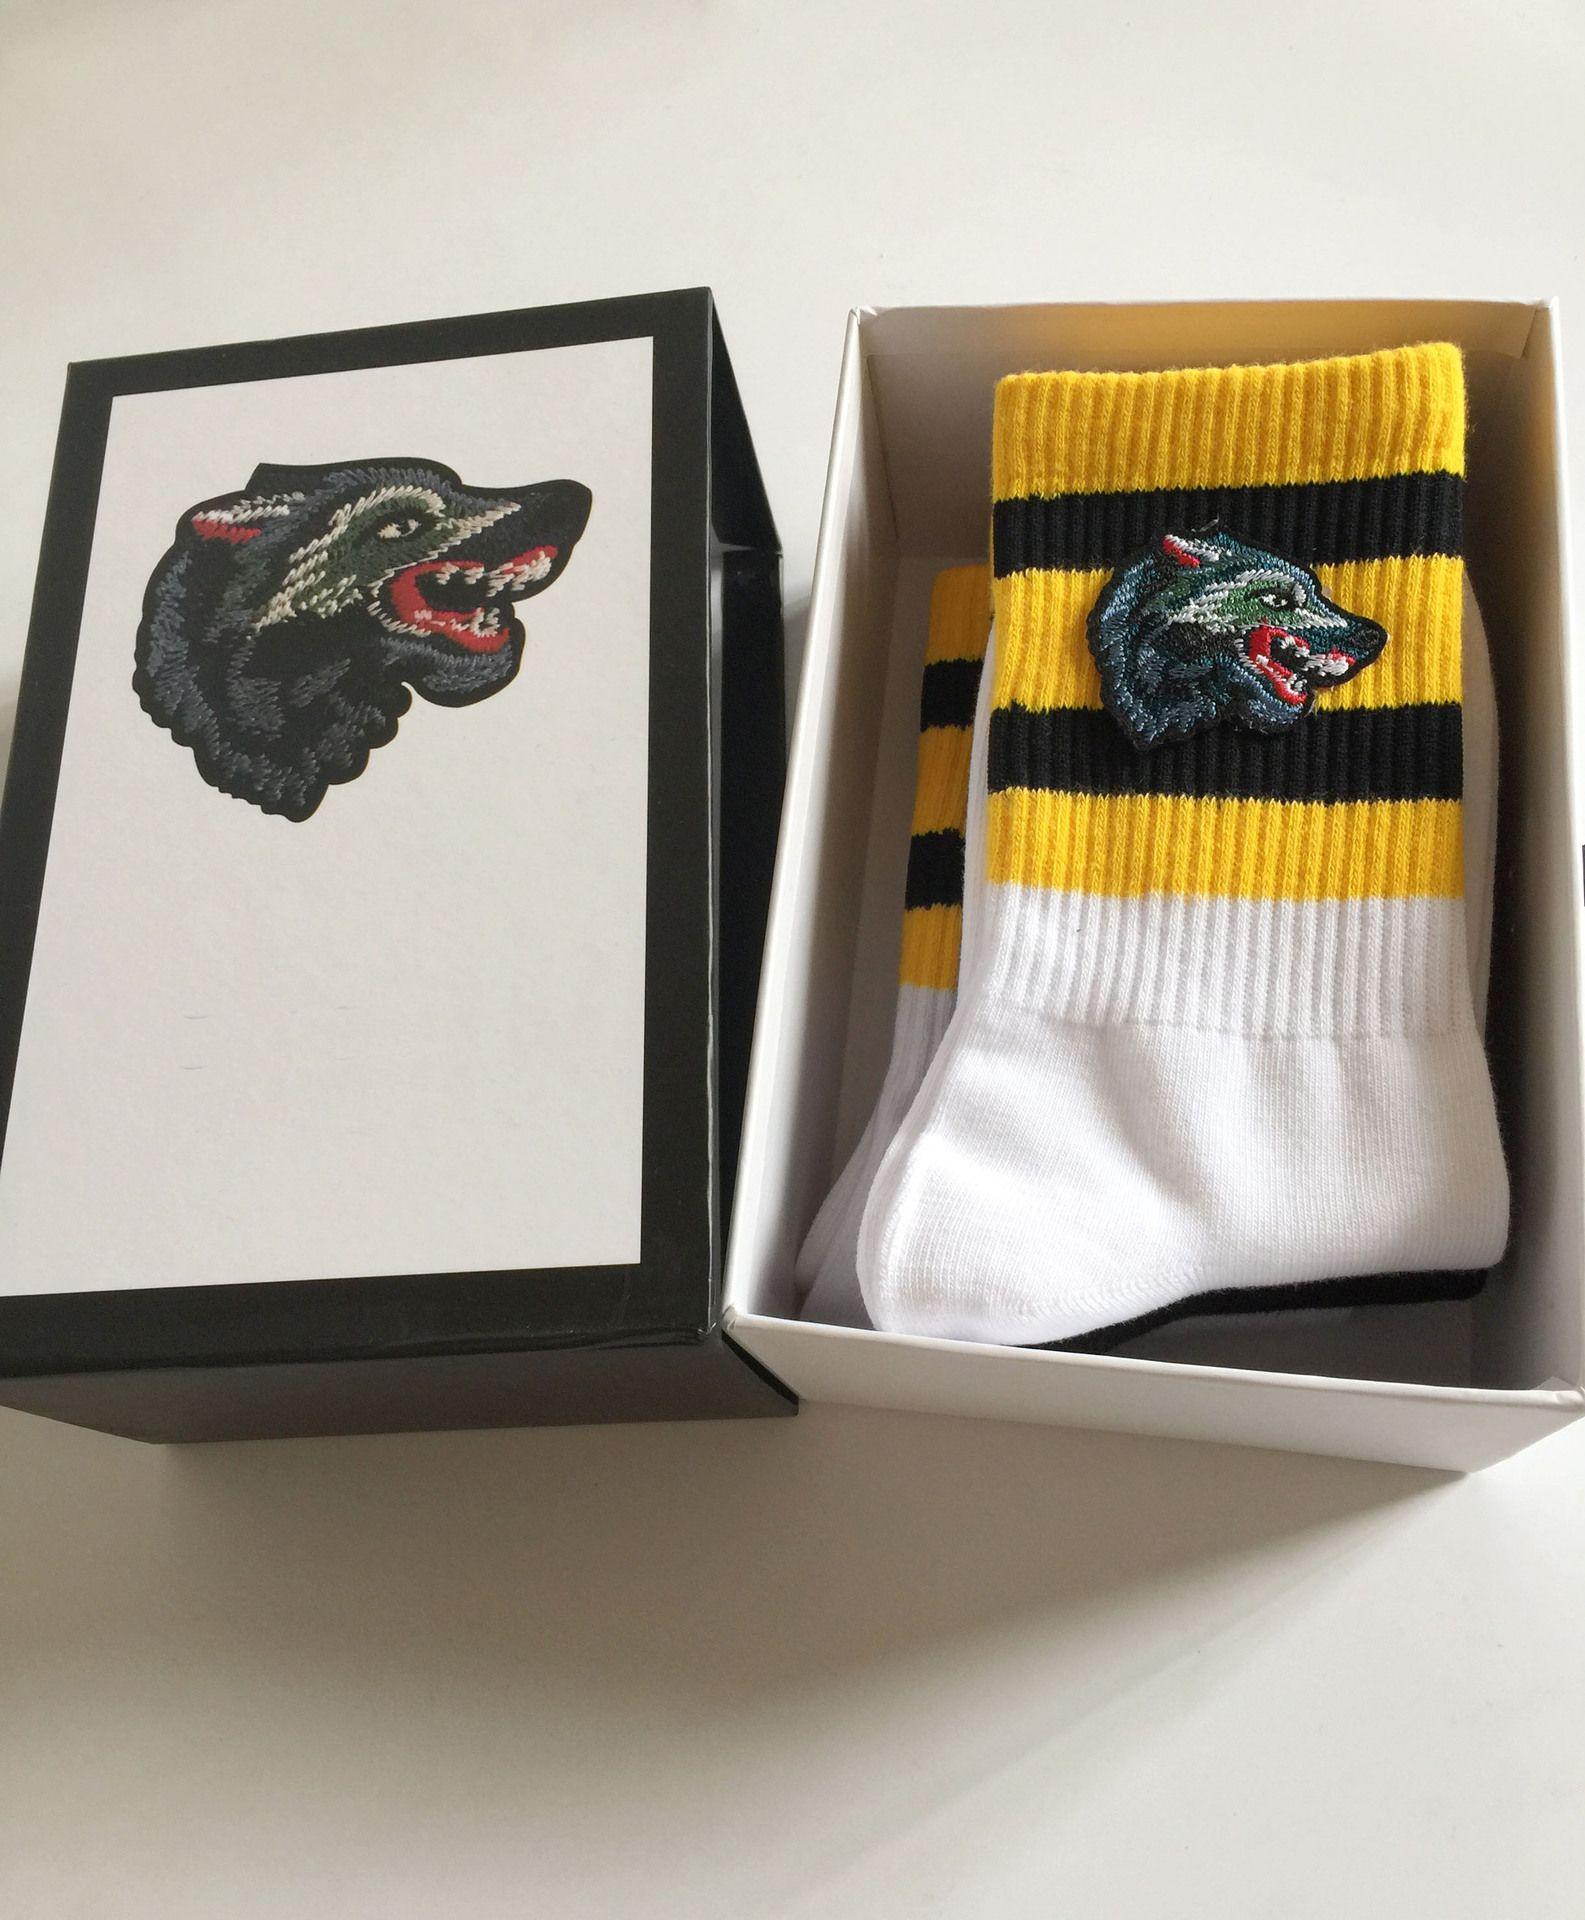 4 Paar / Box Tierkopf heiße Verkaufs-Herren Socken Vier Paare arbeiten Sportsocken Wolf-Stickerei-Freizeit Cotton Man Socken Gift Box Set